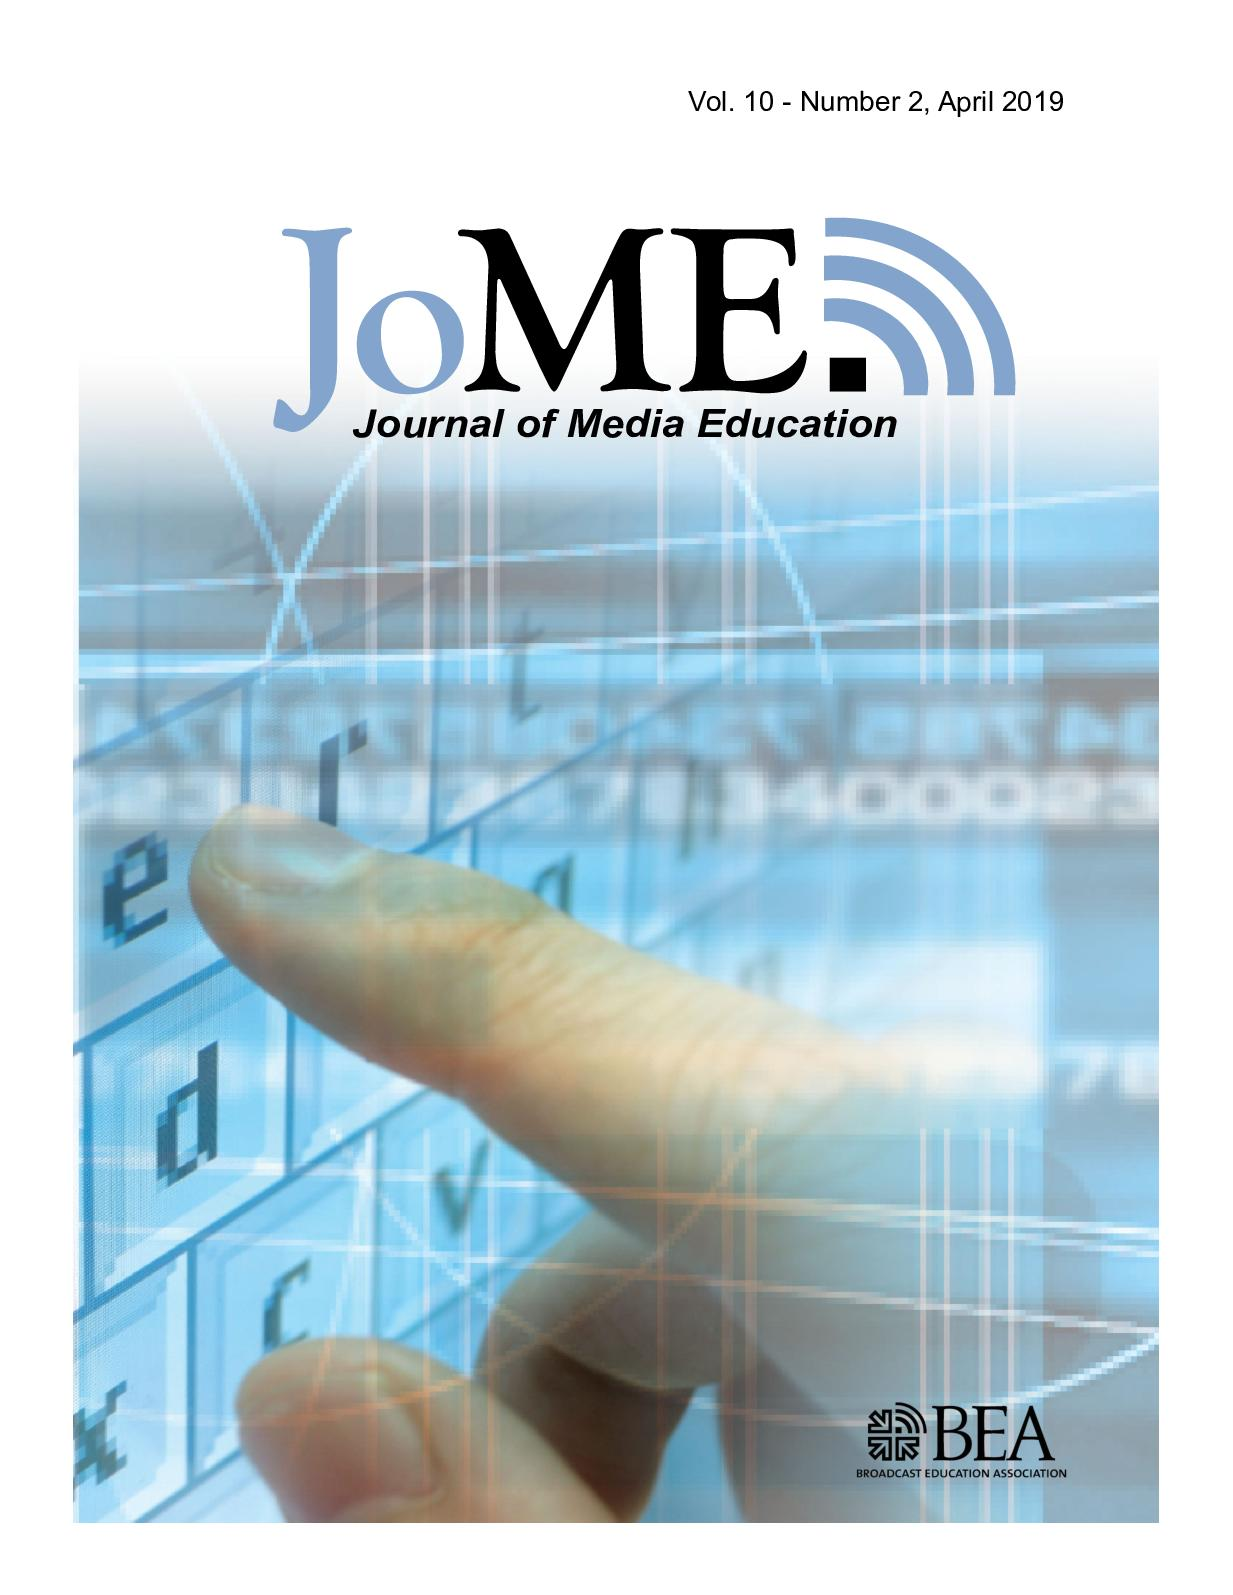 Calaméo - Journal of Media Education | April 2019